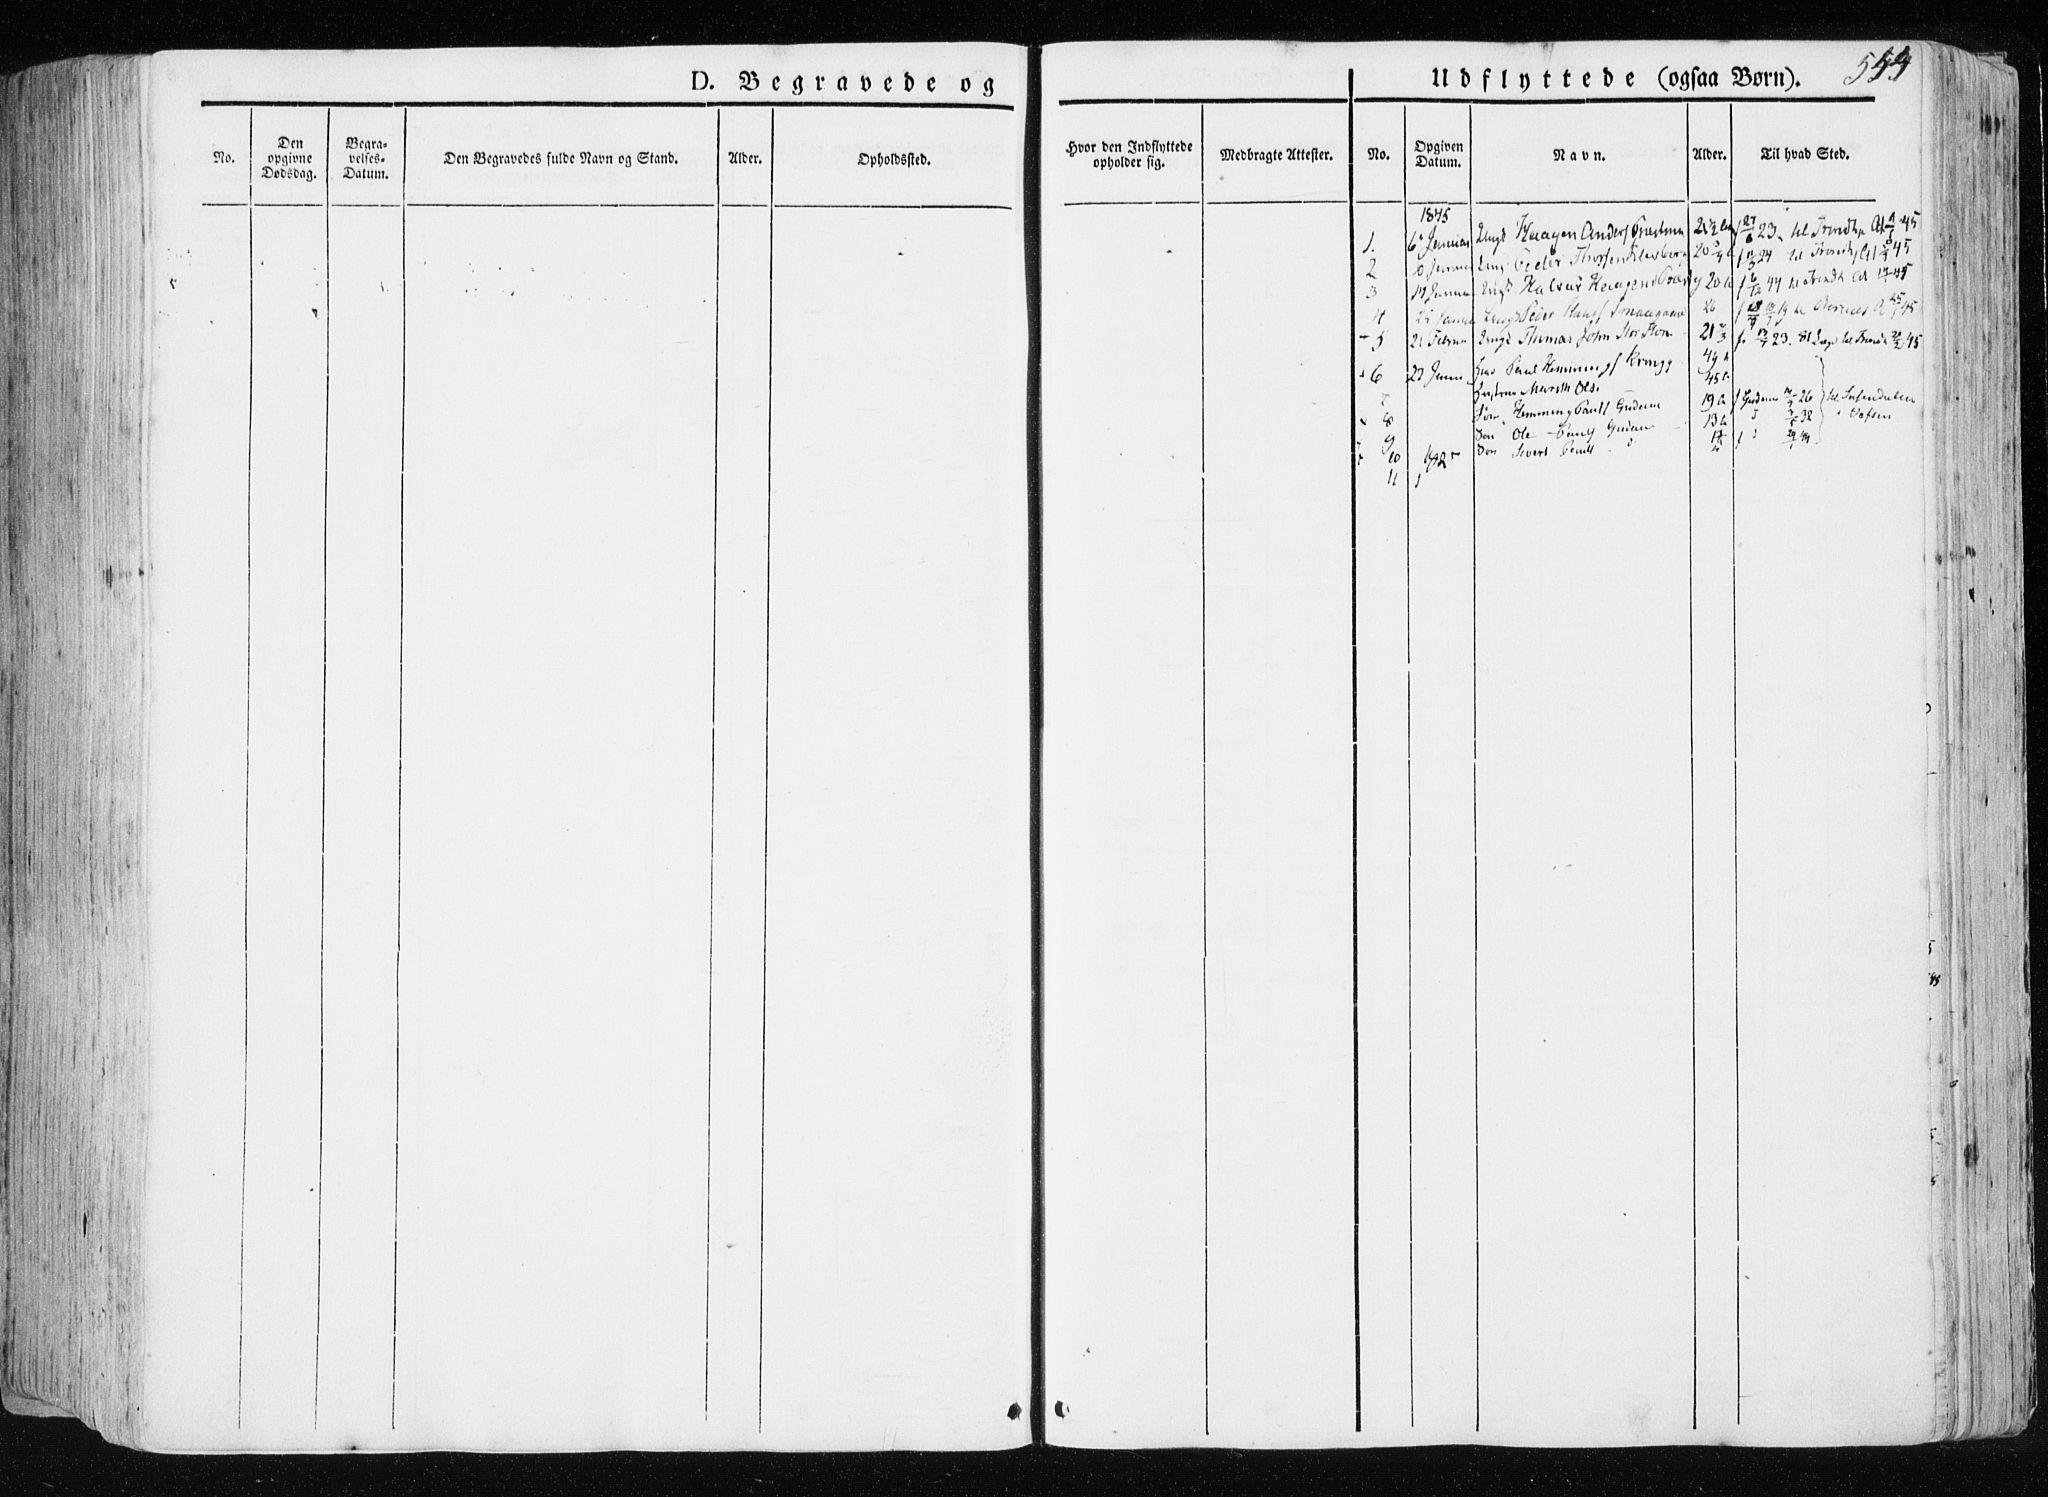 SAT, Ministerialprotokoller, klokkerbøker og fødselsregistre - Nord-Trøndelag, 709/L0074: Parish register (official) no. 709A14, 1845-1858, p. 544